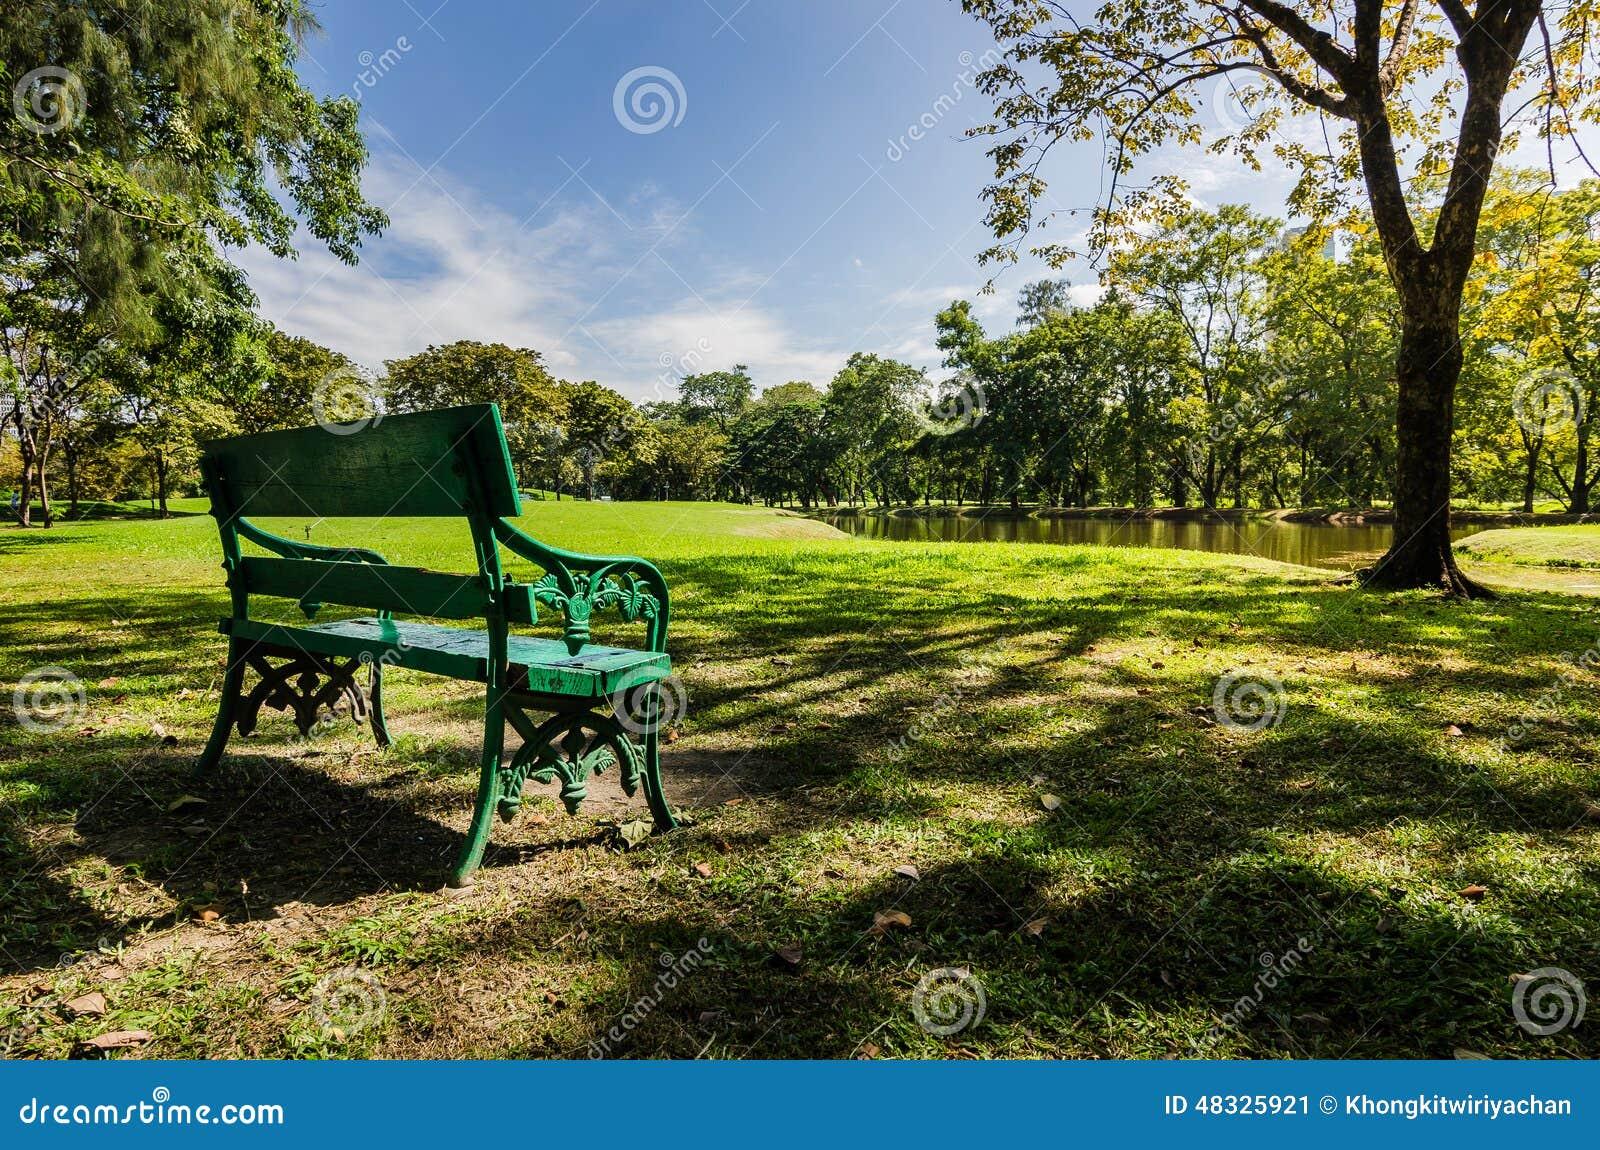 banc en parc public avec l 39 ombre de l 39 arbre vert image stock image du positionnement tang. Black Bedroom Furniture Sets. Home Design Ideas